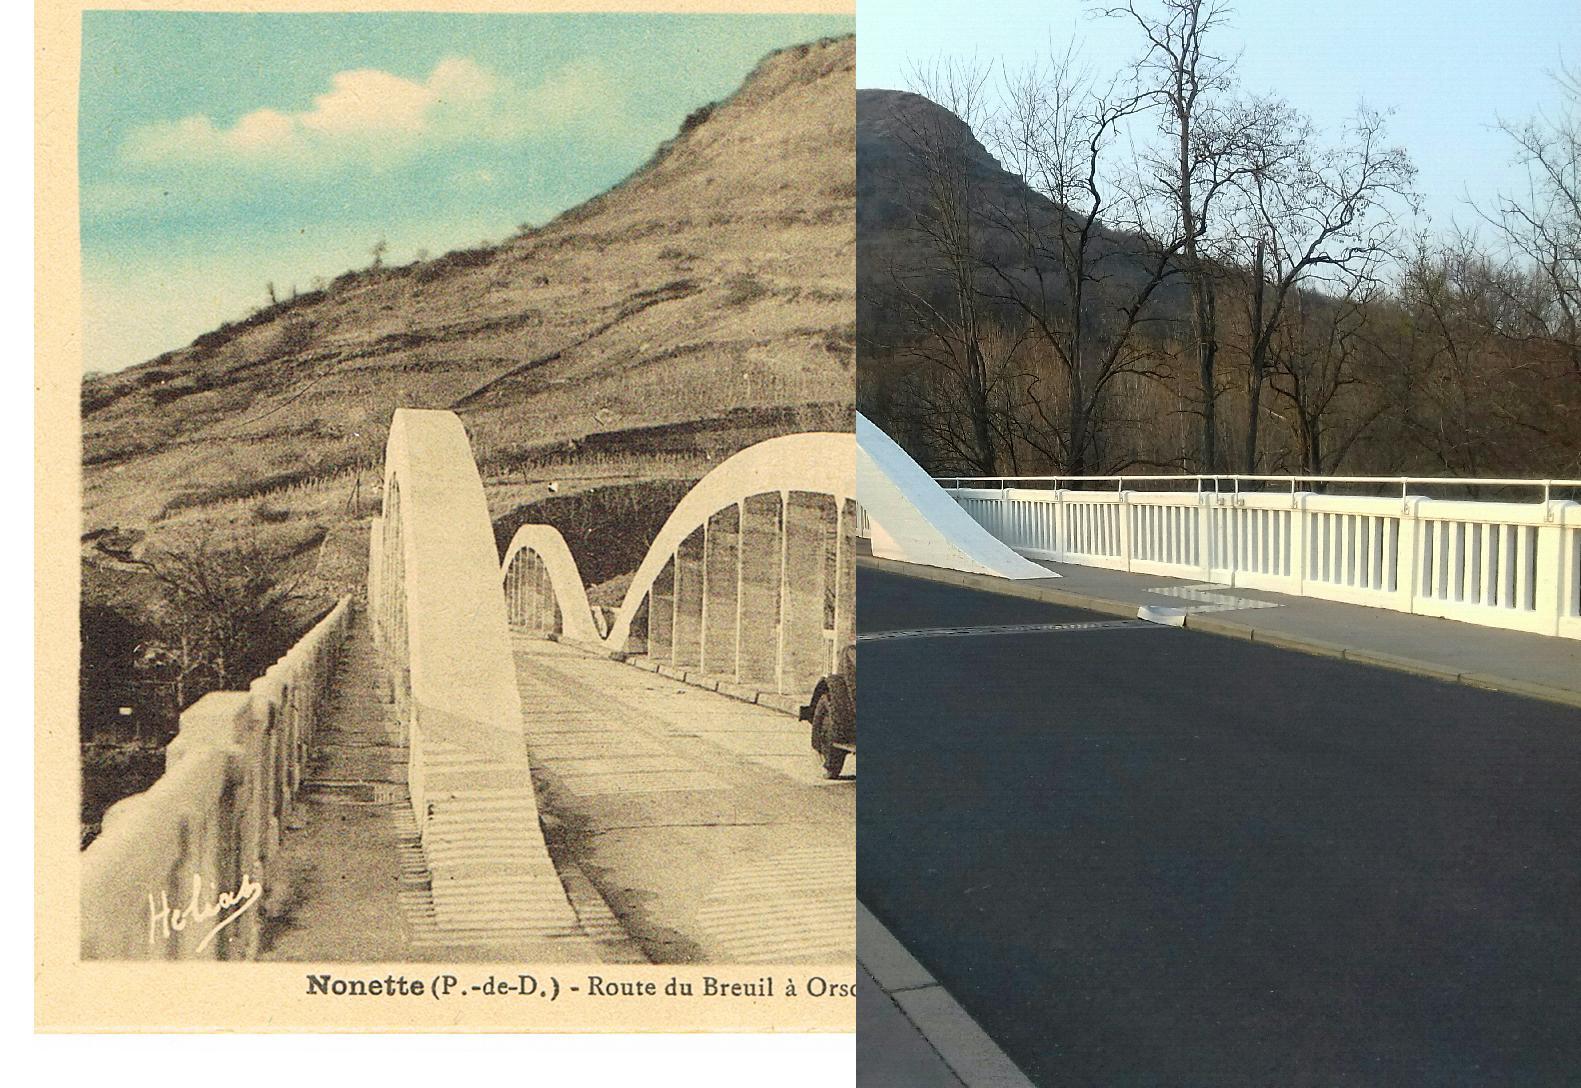 Nonette - Nonette - INSEE 63255 - le pont sur l'Allier et la butte.